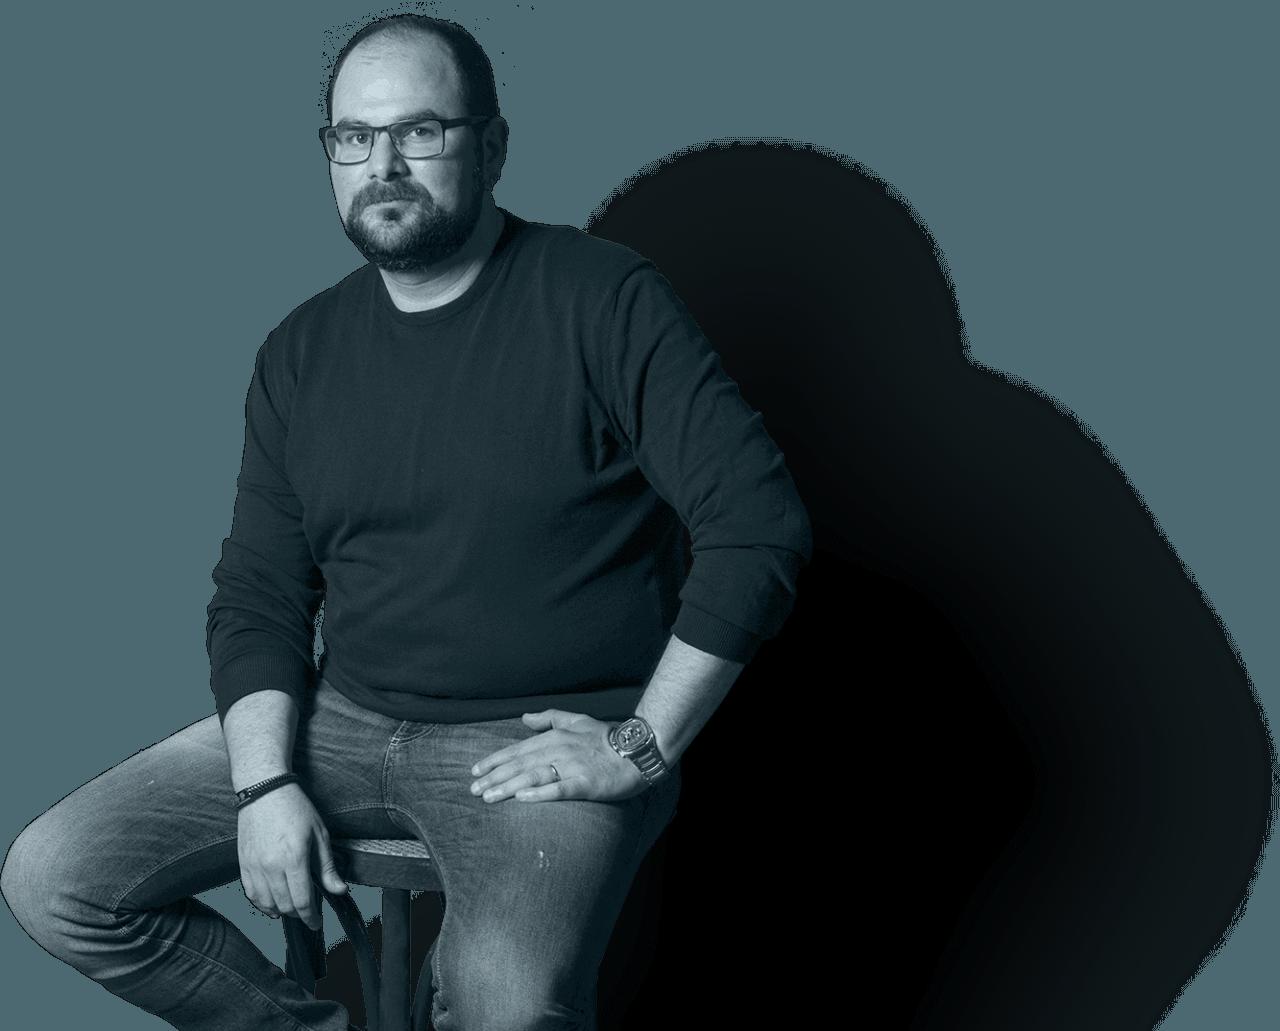 Vittorio Maria Vecchi web designer